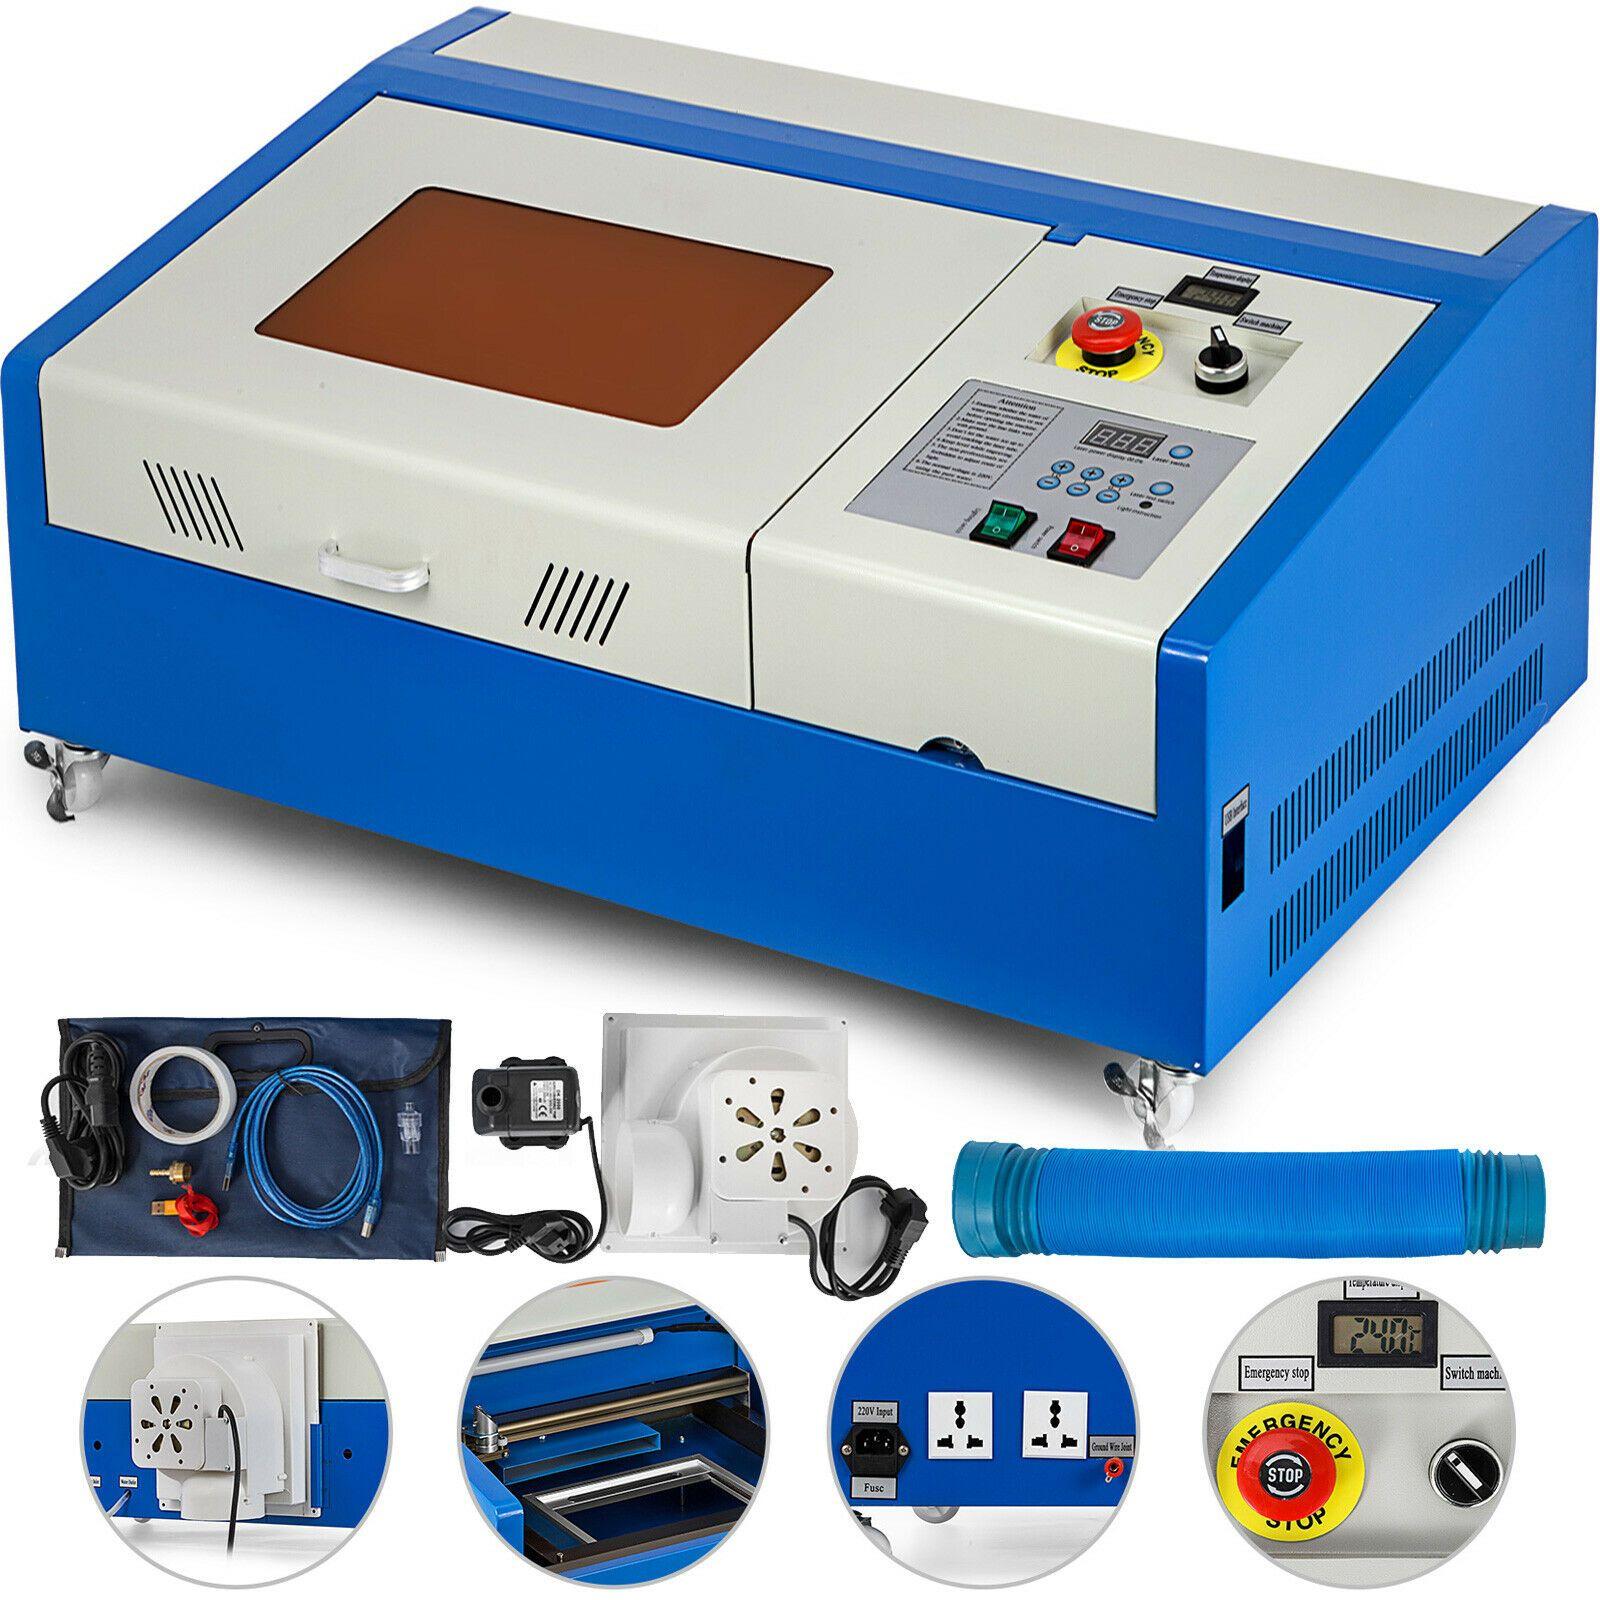 Aktualisiert HOHE PRÄZISE Schneiden Maschine Laser Gravur Maschine 40W CO2 Laser Maschine